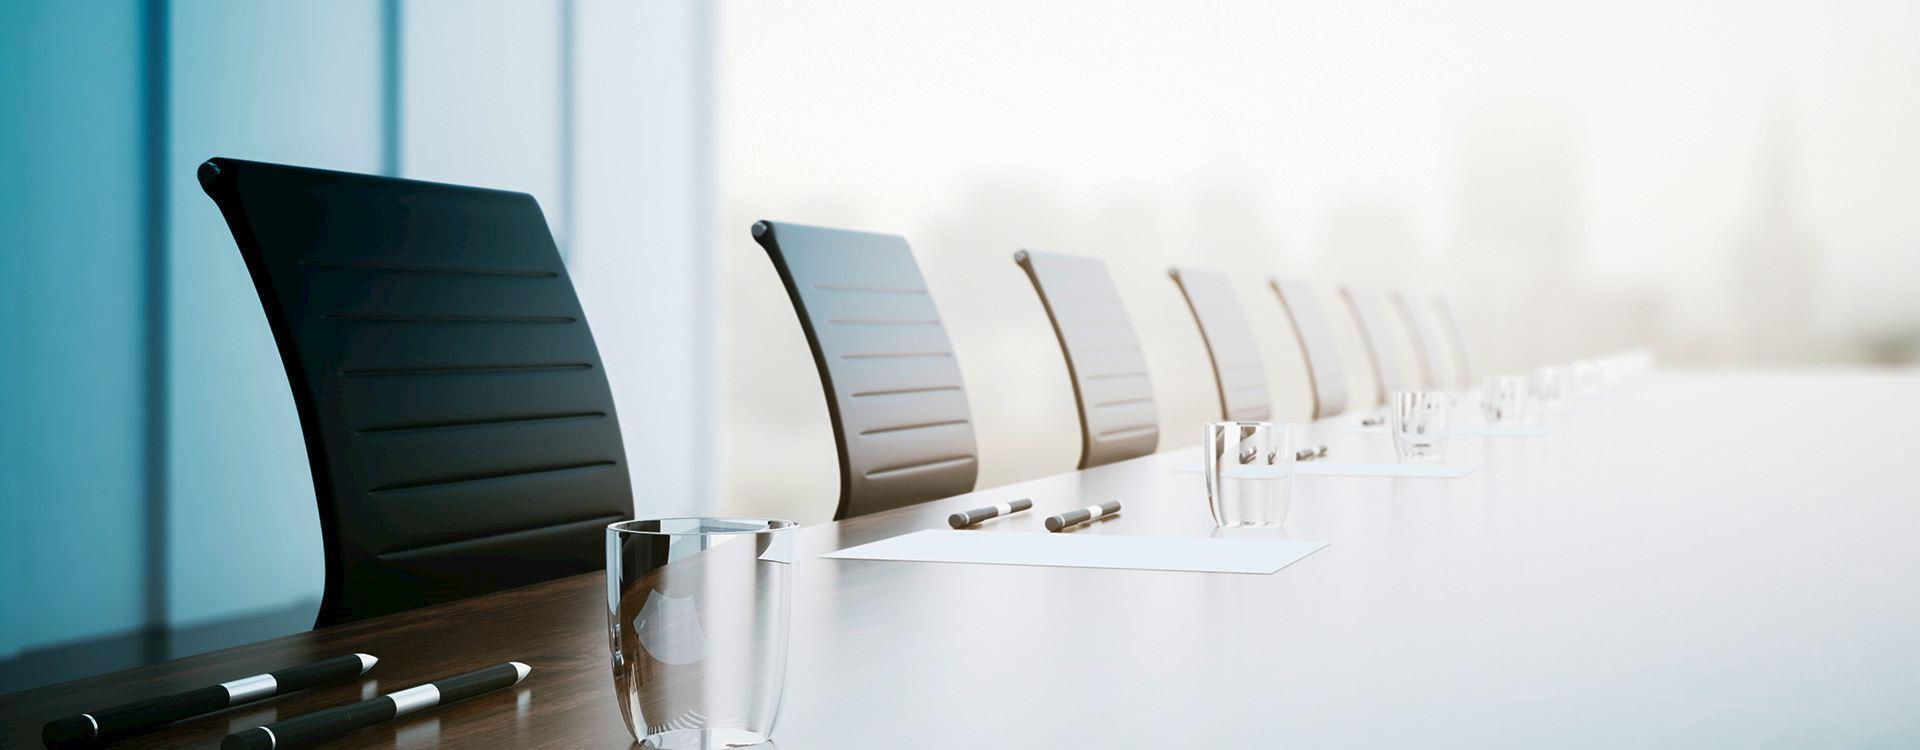 Meetings & Events in Hotel Scottsdale